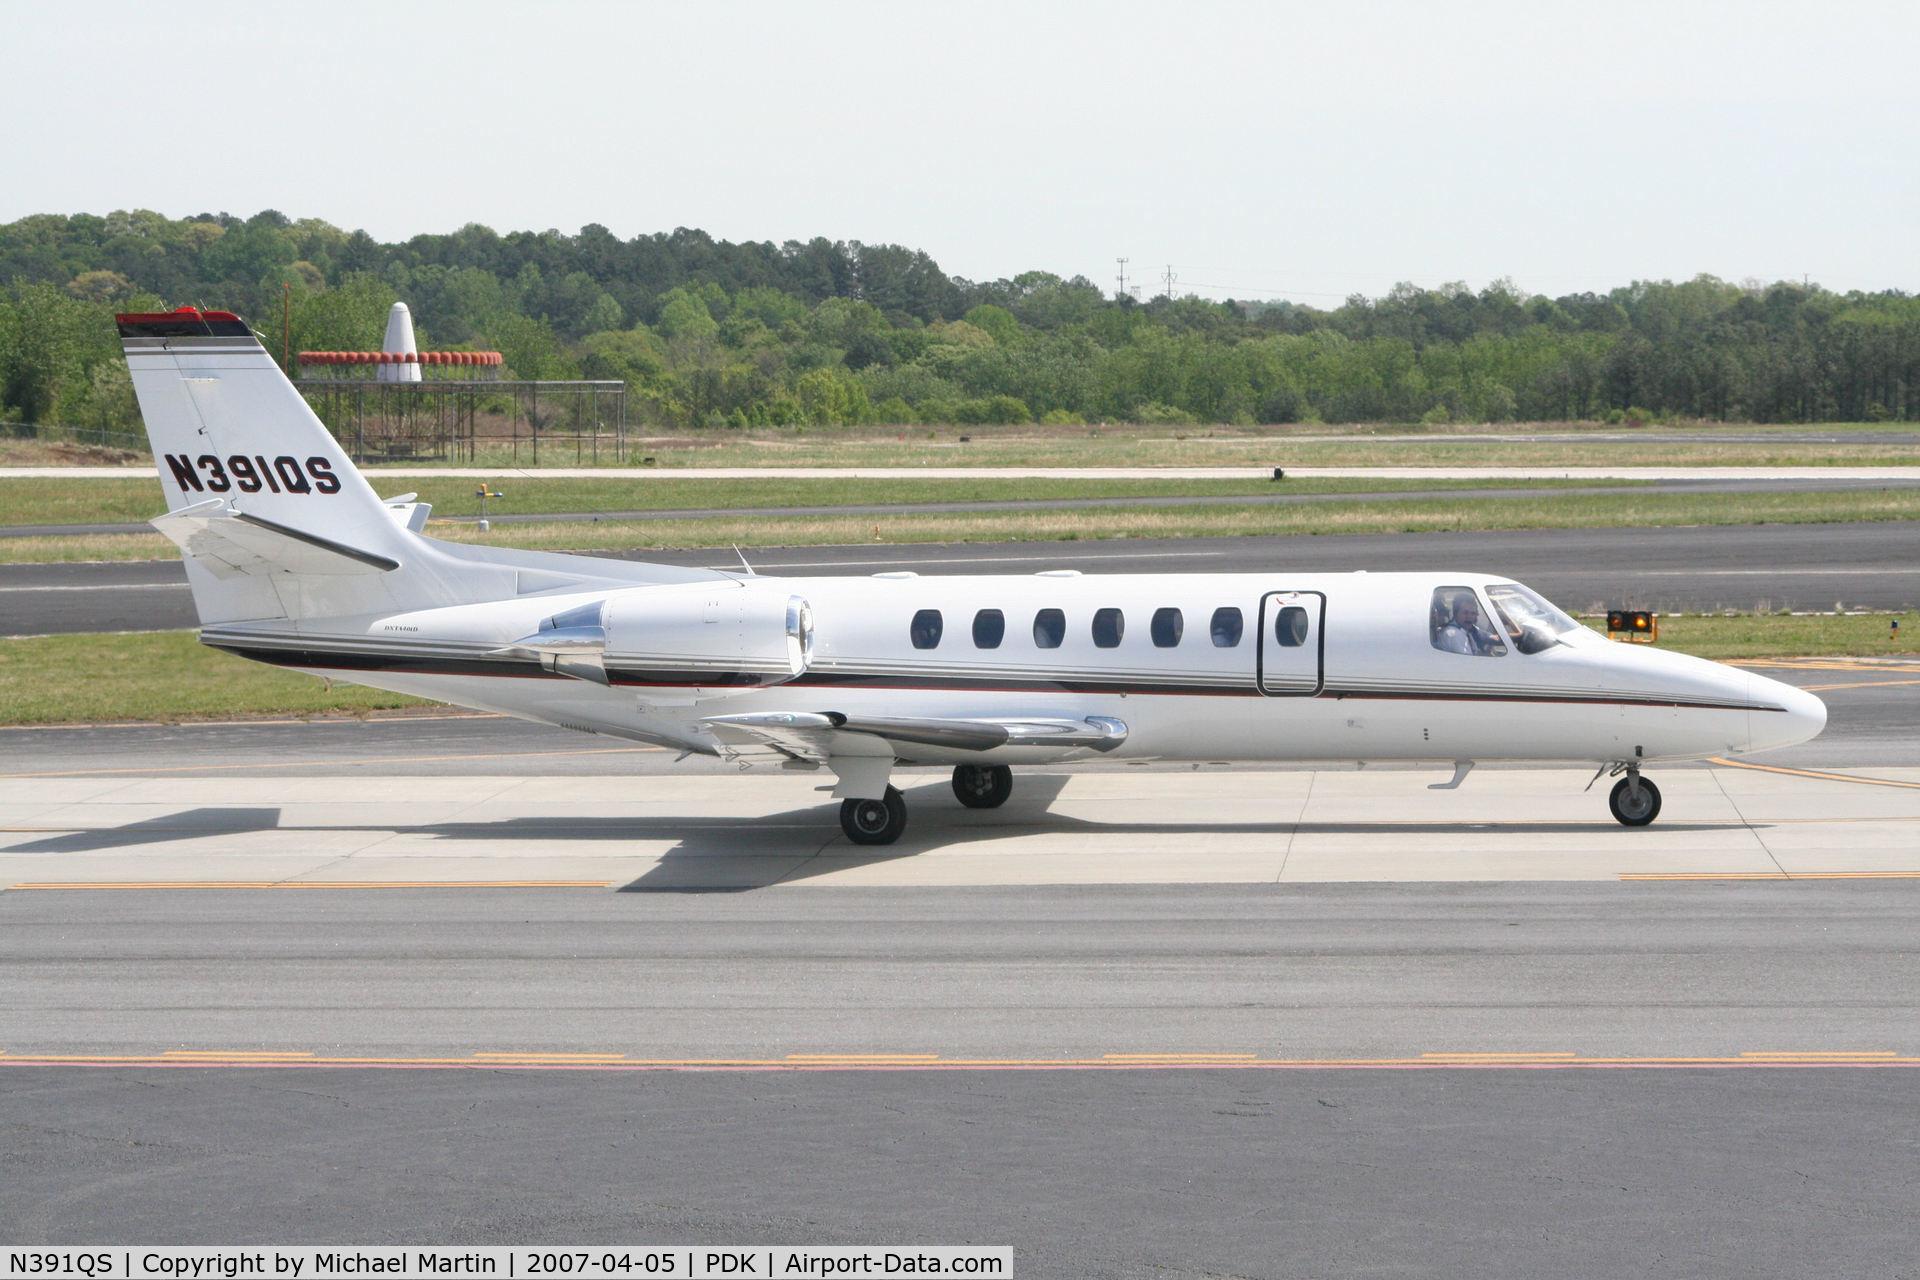 N391QS, 1998 Cessna 560 C/N 560-0493, Execjet 391 taxing to Runway 2R